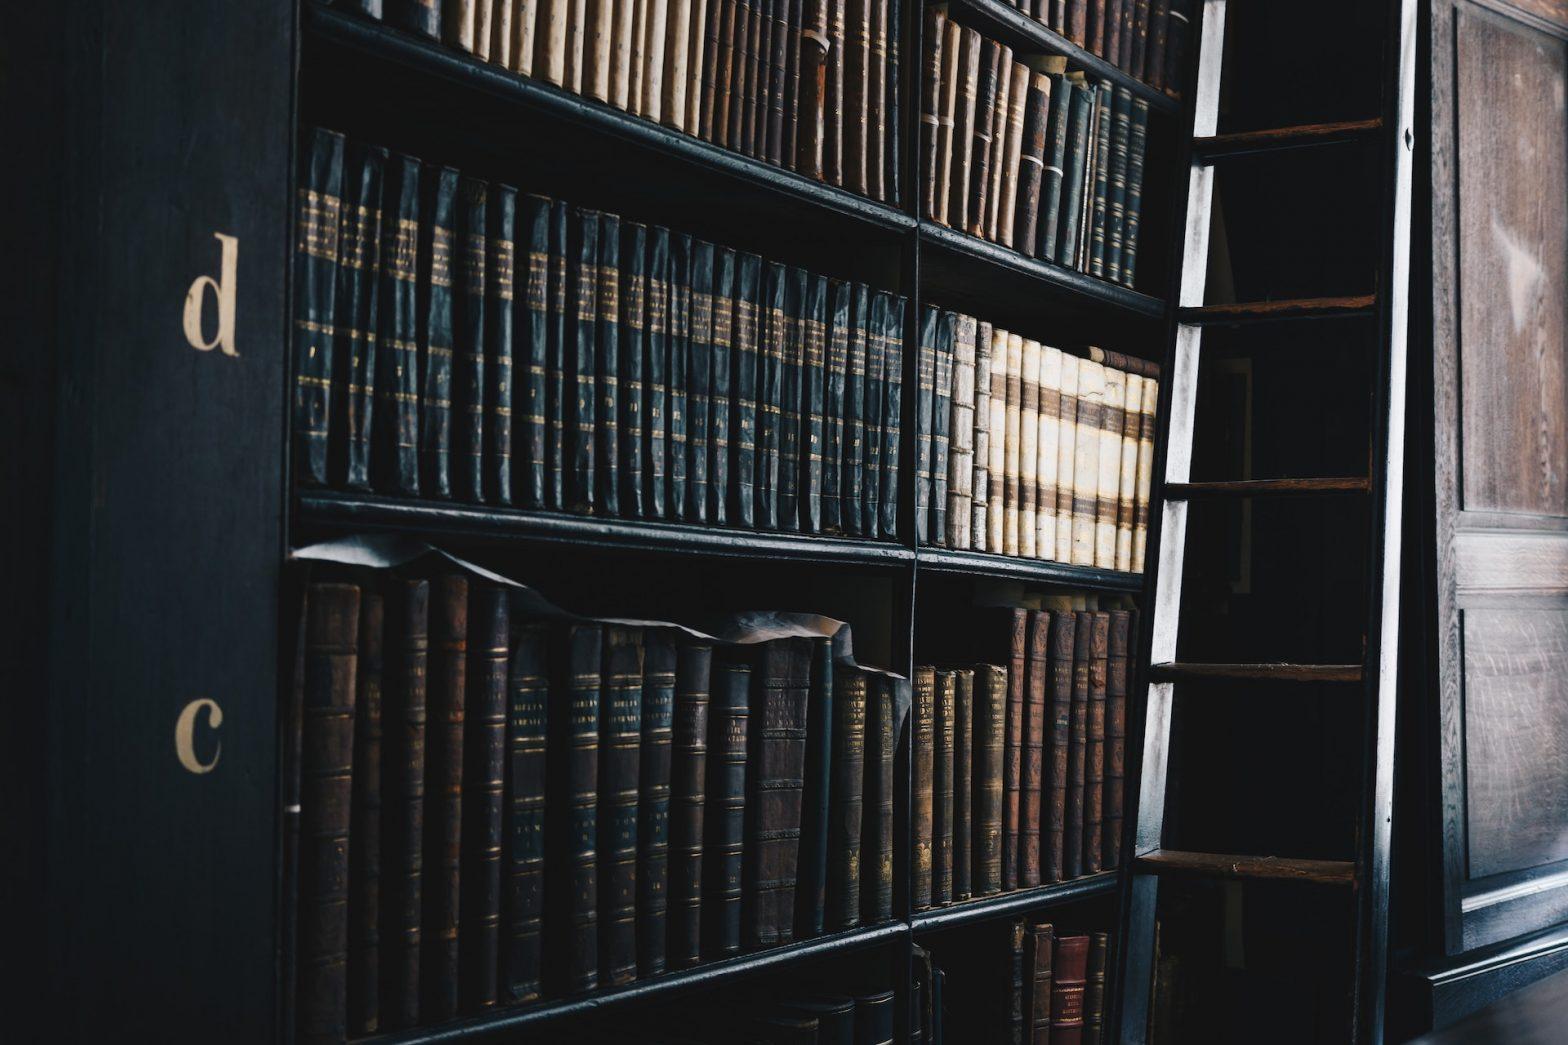 Libreria con volume antichi